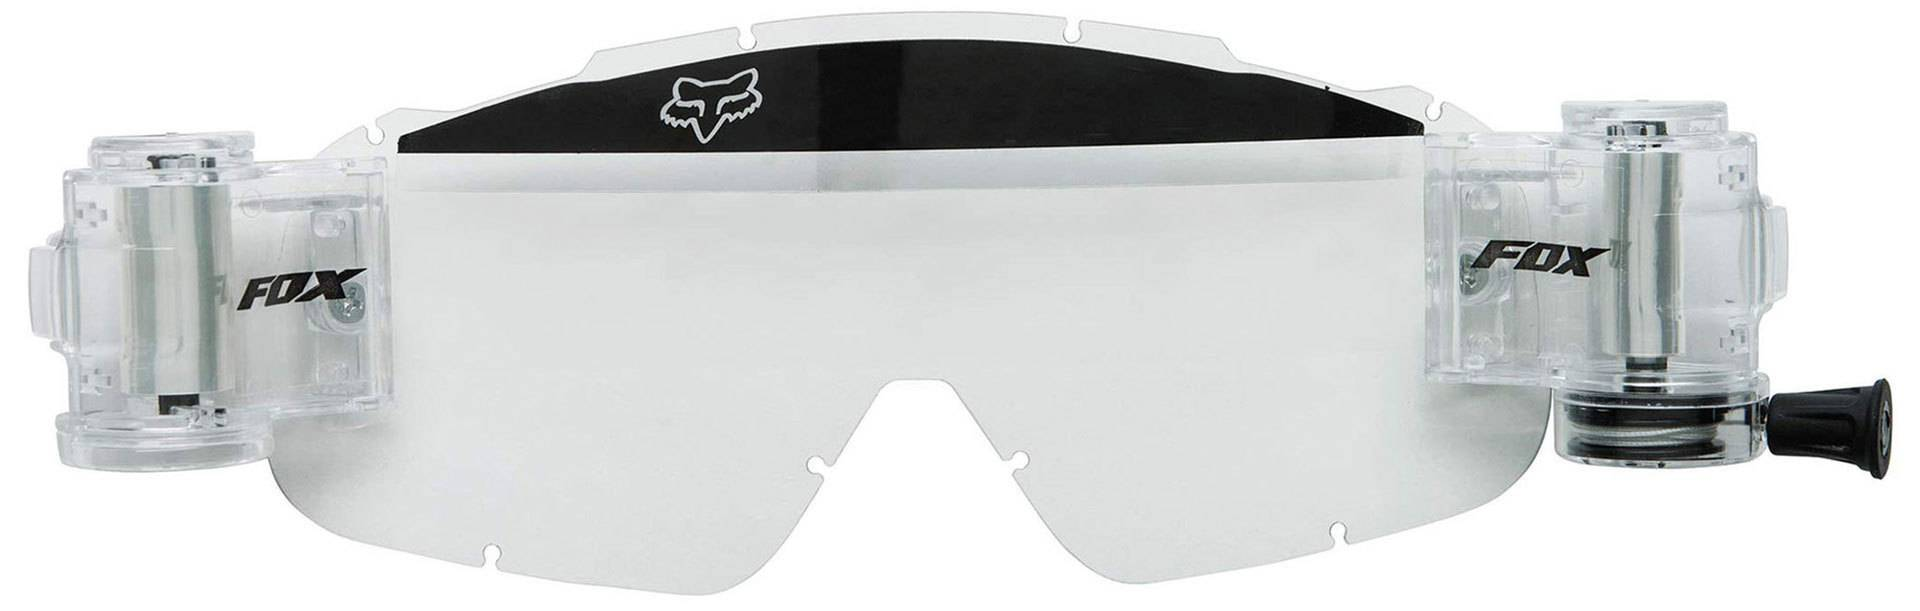 Fox Main Total Vision System Sistema di visione